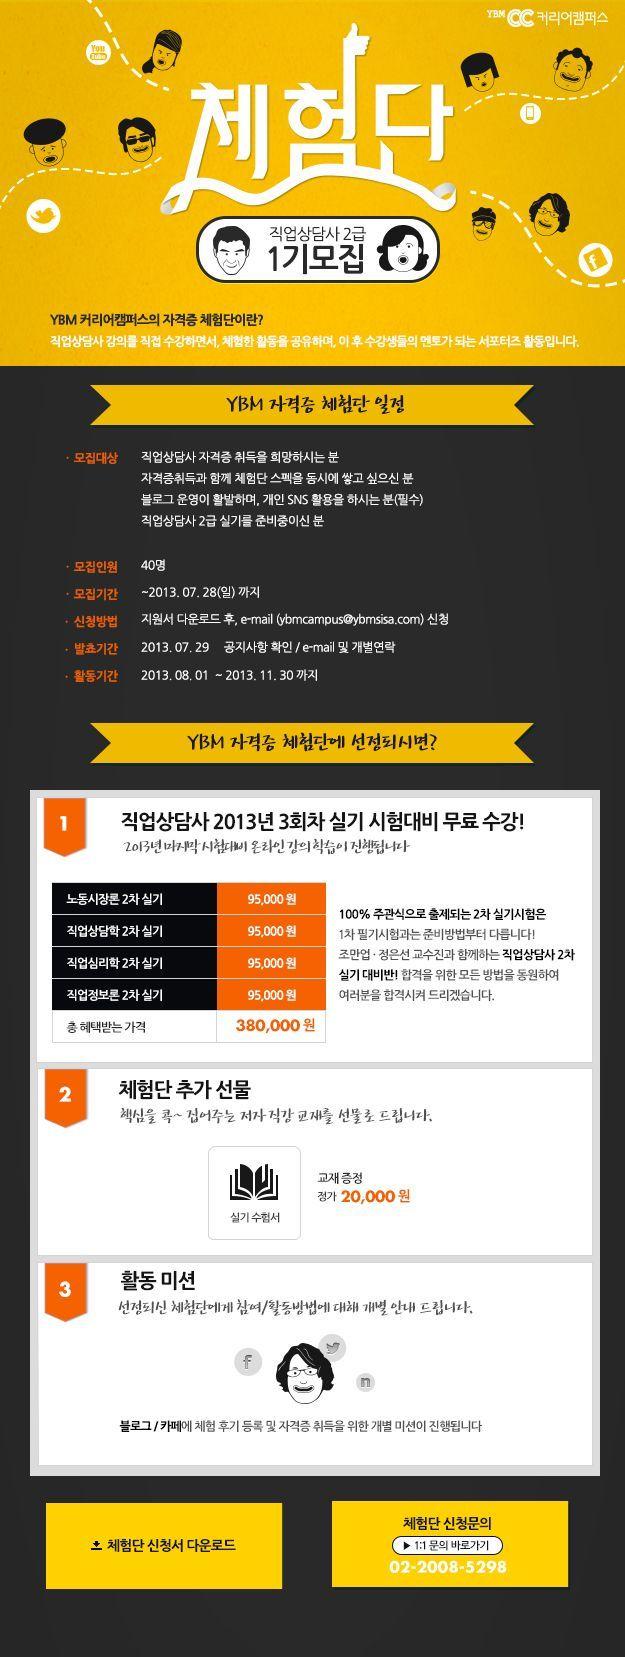 [YBM] YBM 자격증(직업상담사2급) 체험단 1기 모집